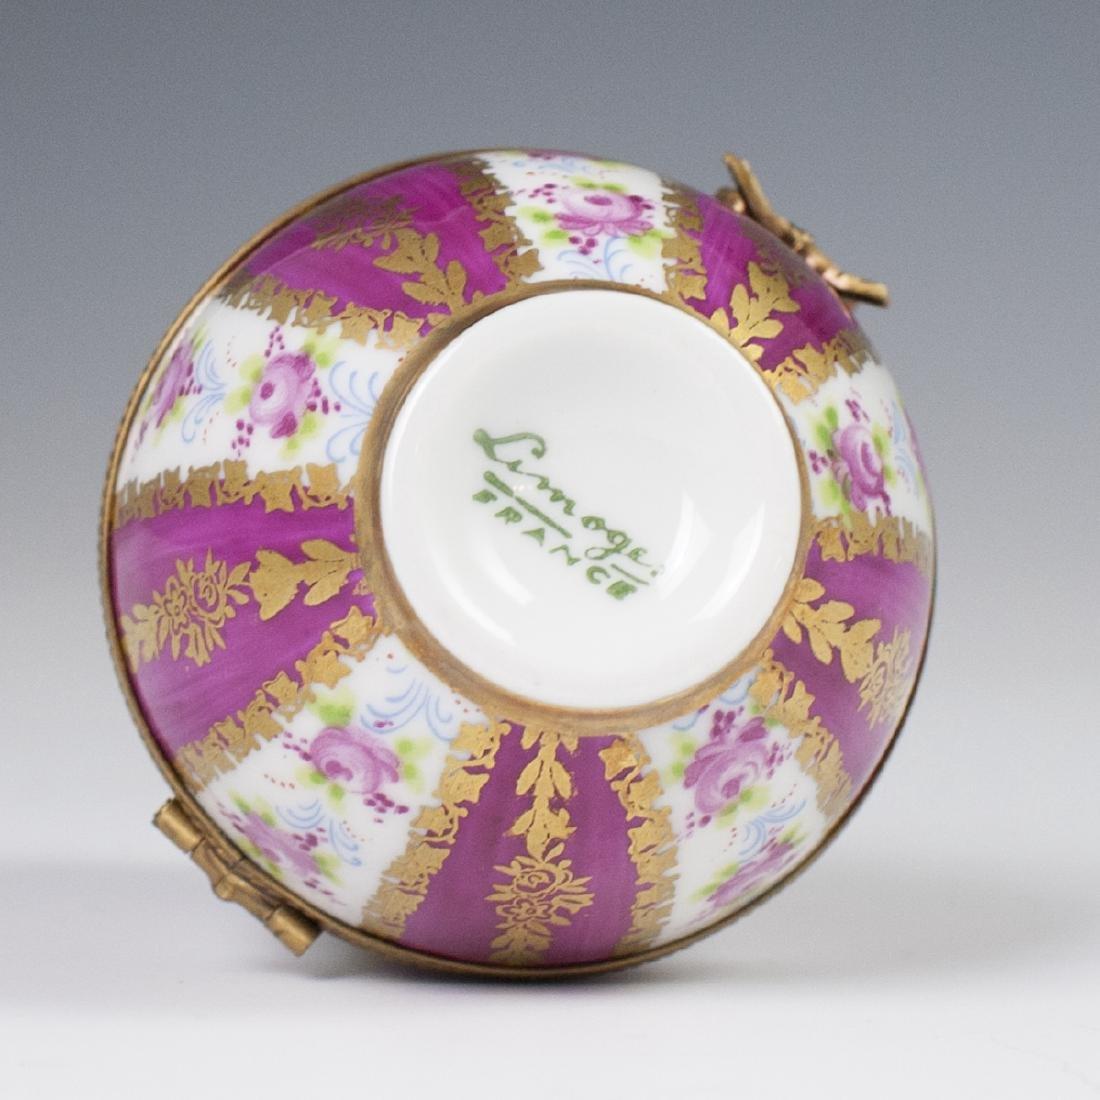 Limoges Porcelain Egg Trinket Box - 3